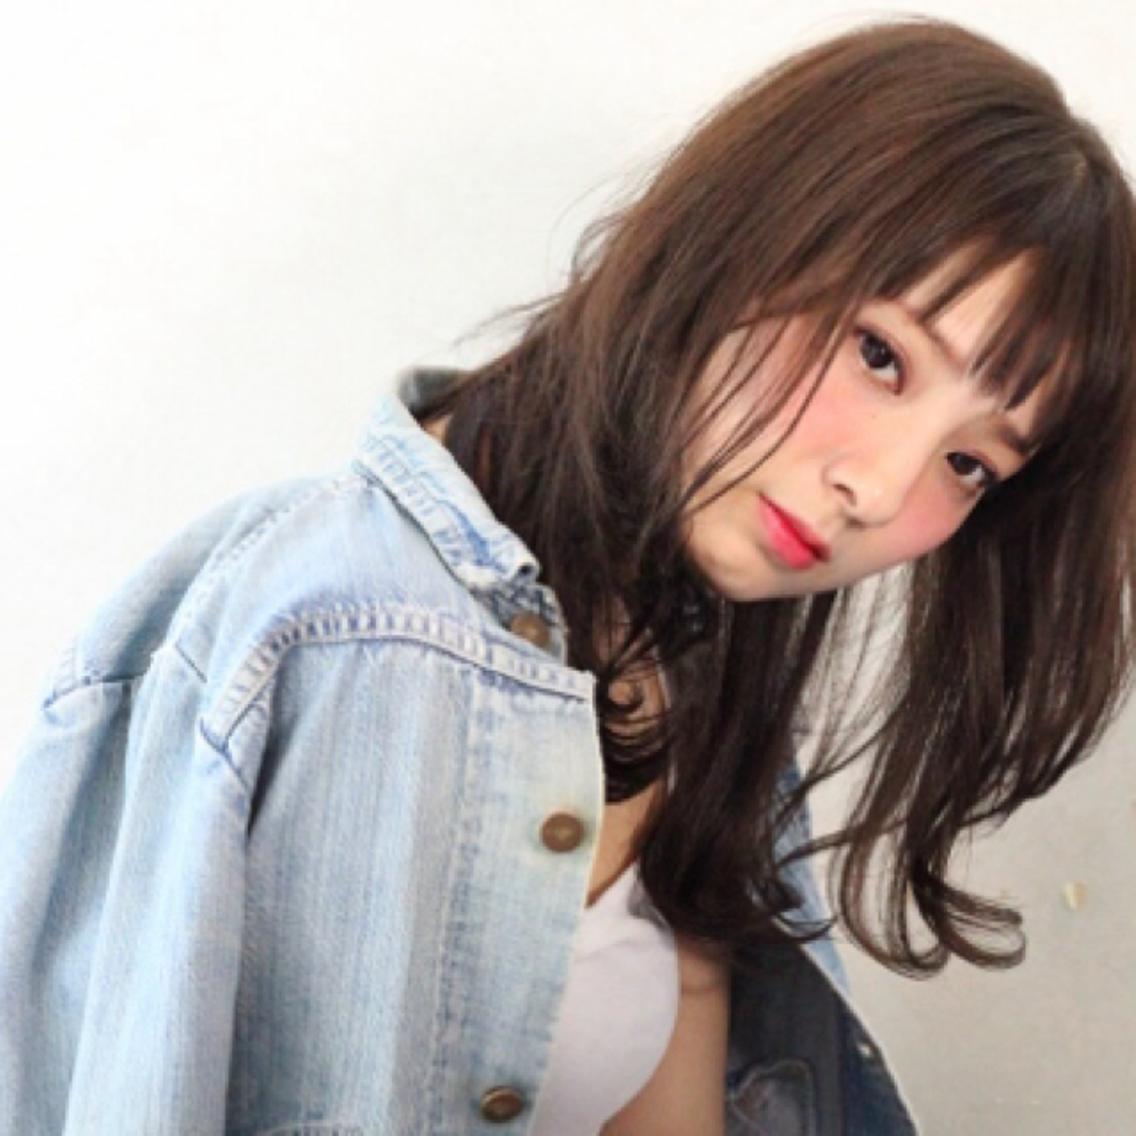 江坂で人気のサロンです‼︎ミニモ限定価格!!********************「江坂駅すぐ」似合わせカット、外国人風カラーorケアパーマ うるるんトリートメント&HPB撮影モデル大募集!!